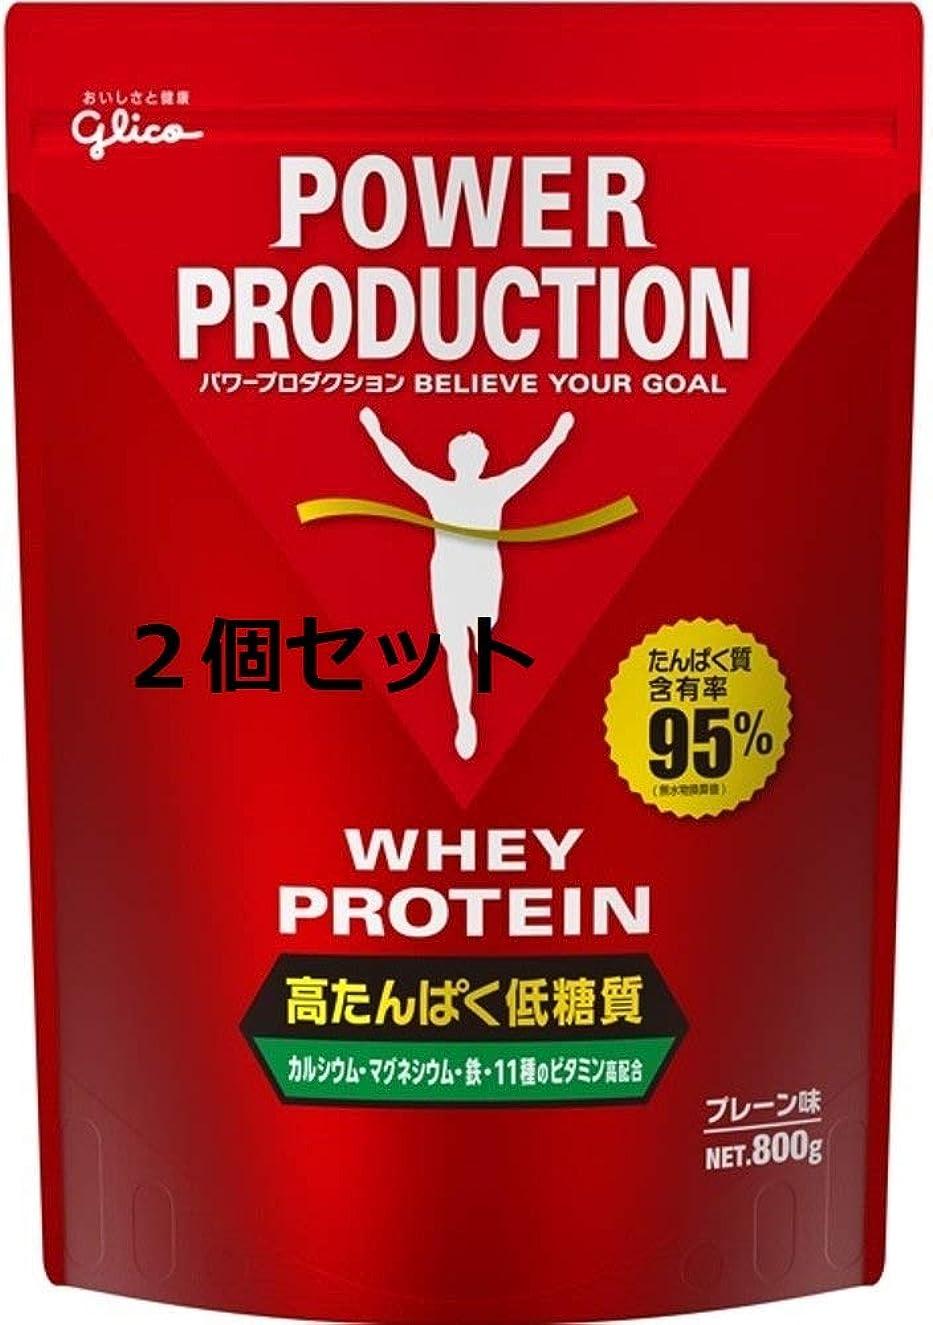 議会シャーご近所【2個セット】グリコ パワープロダクション ホエイプロテイン高たんぱく低糖質 プレーン味 800g